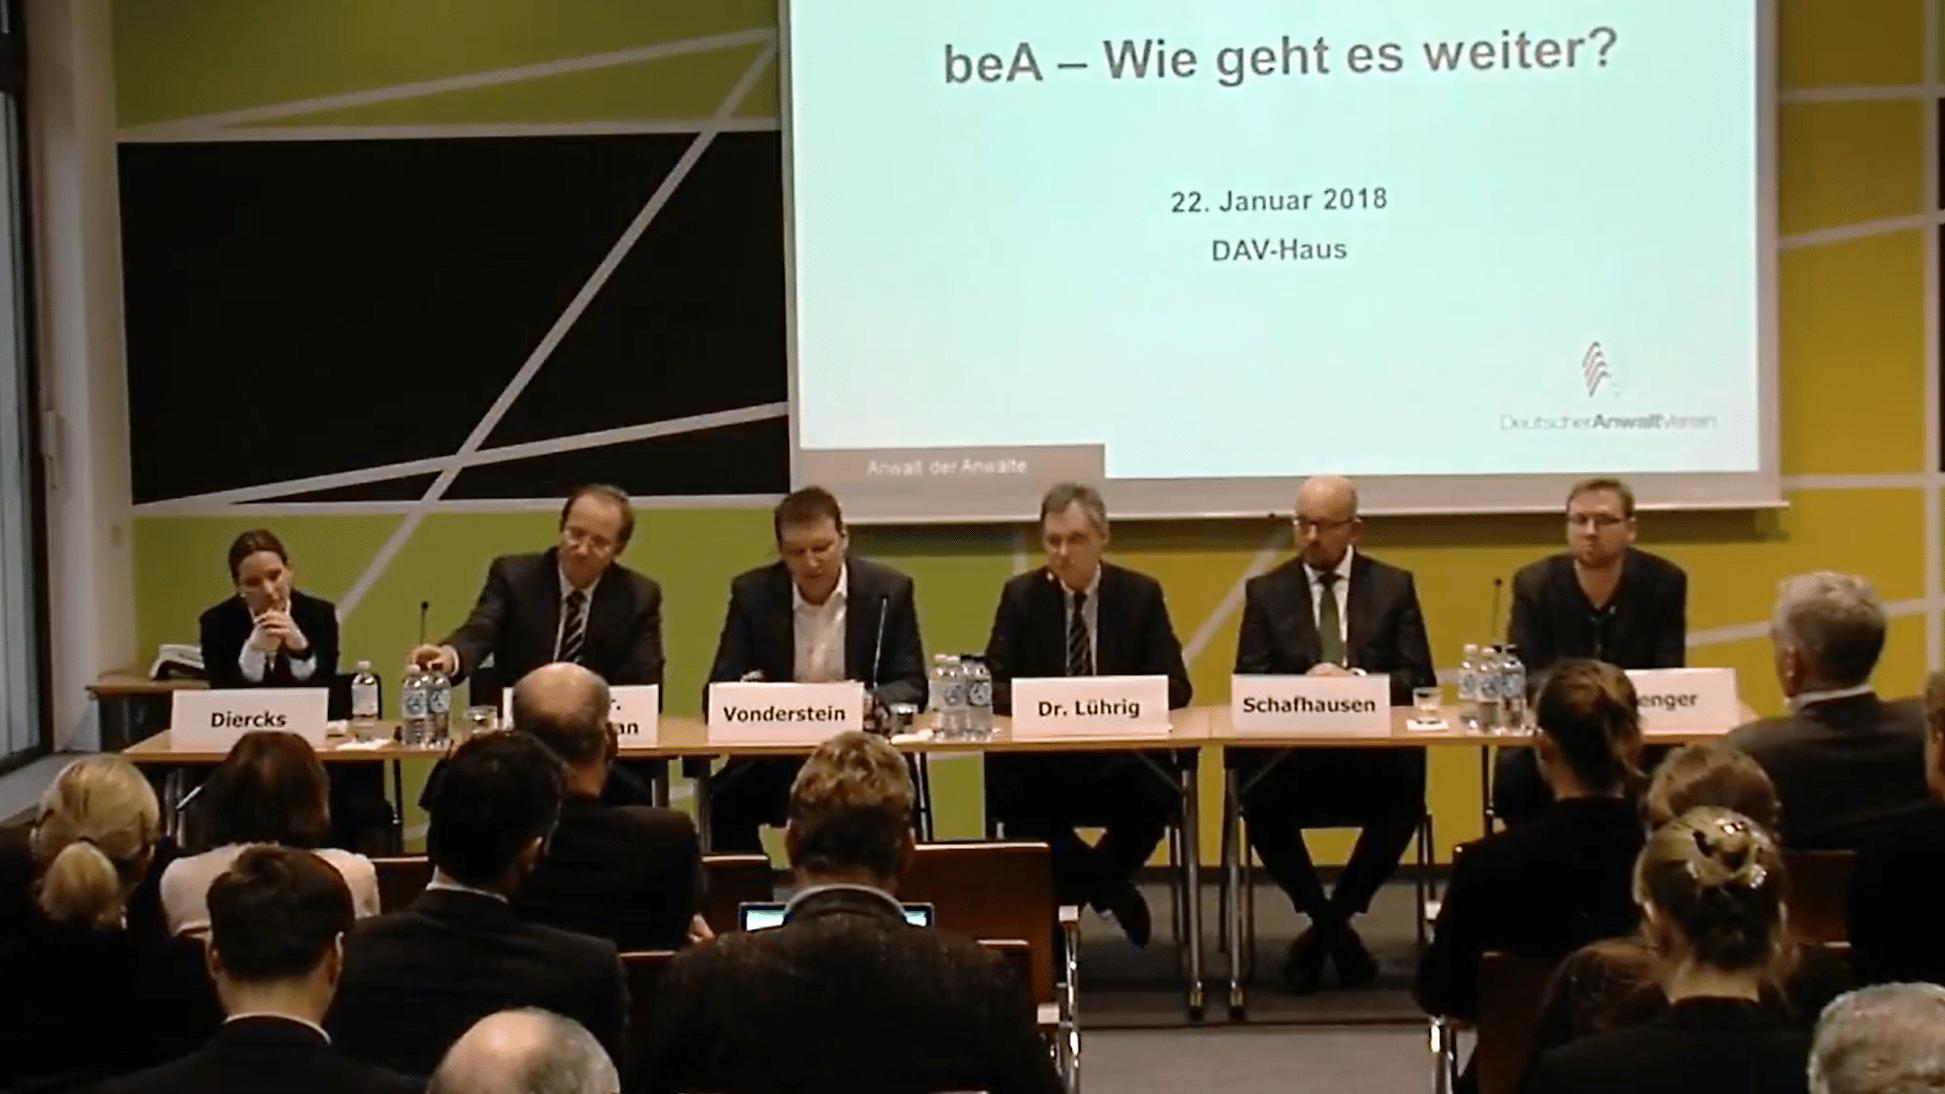 Aus der Liveübertragung des Deutschen Anwaltsvereins